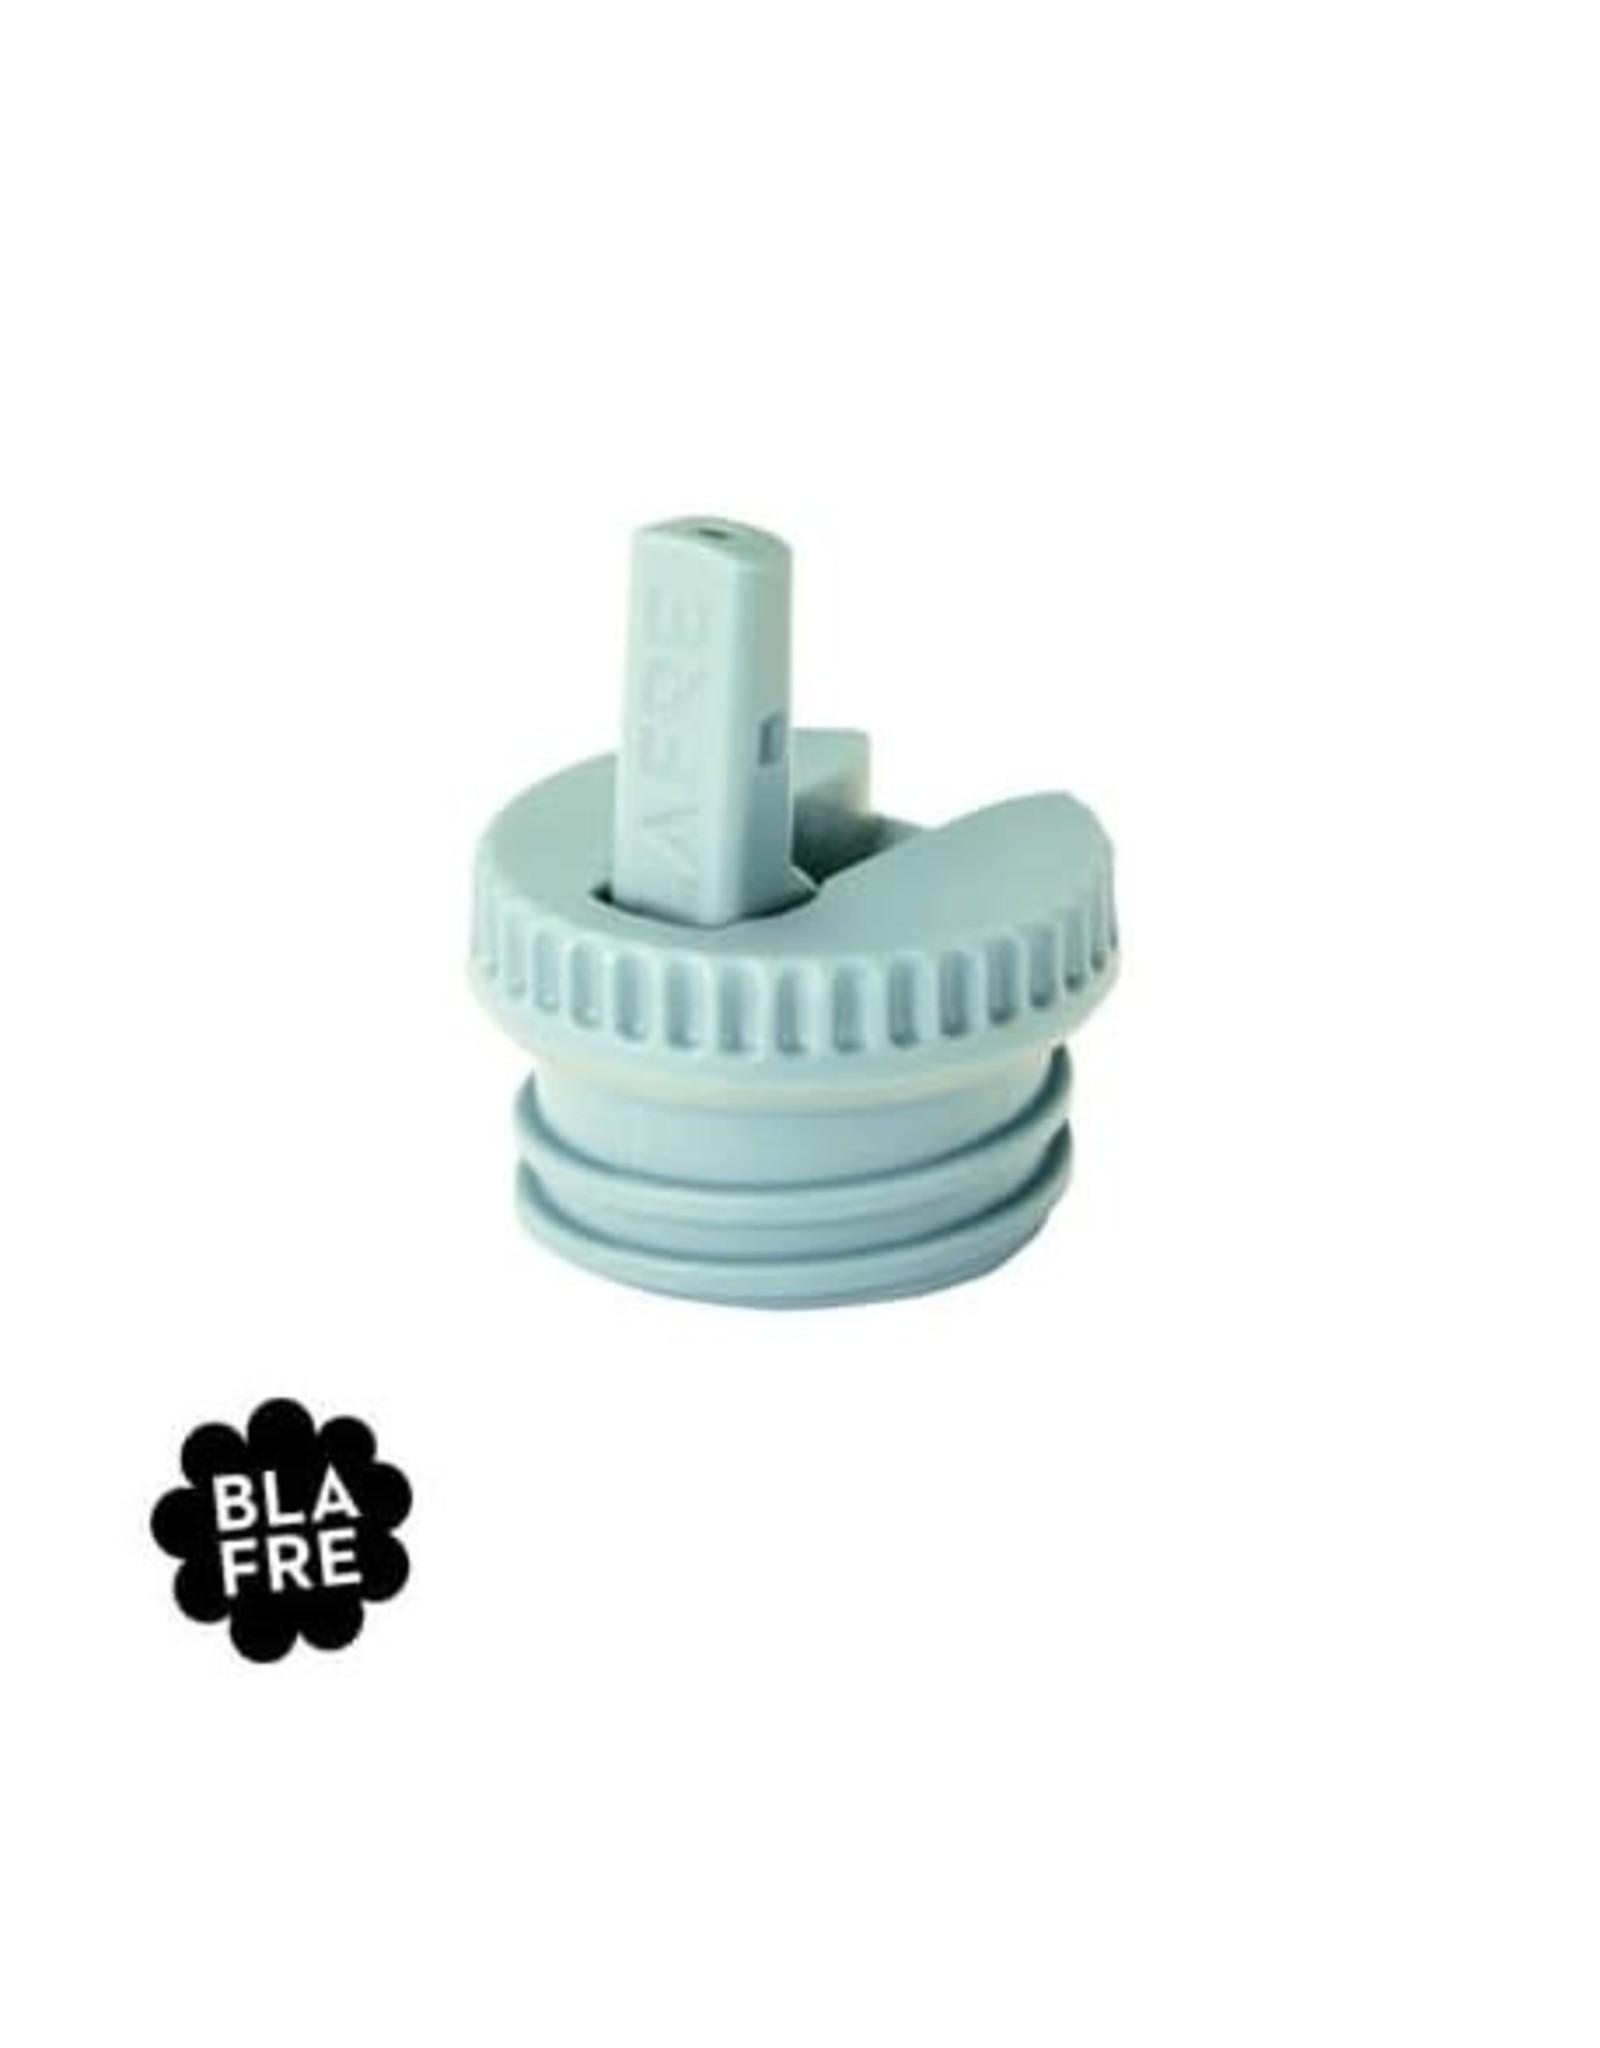 Blafre Dop met Tuit - lichtblauw